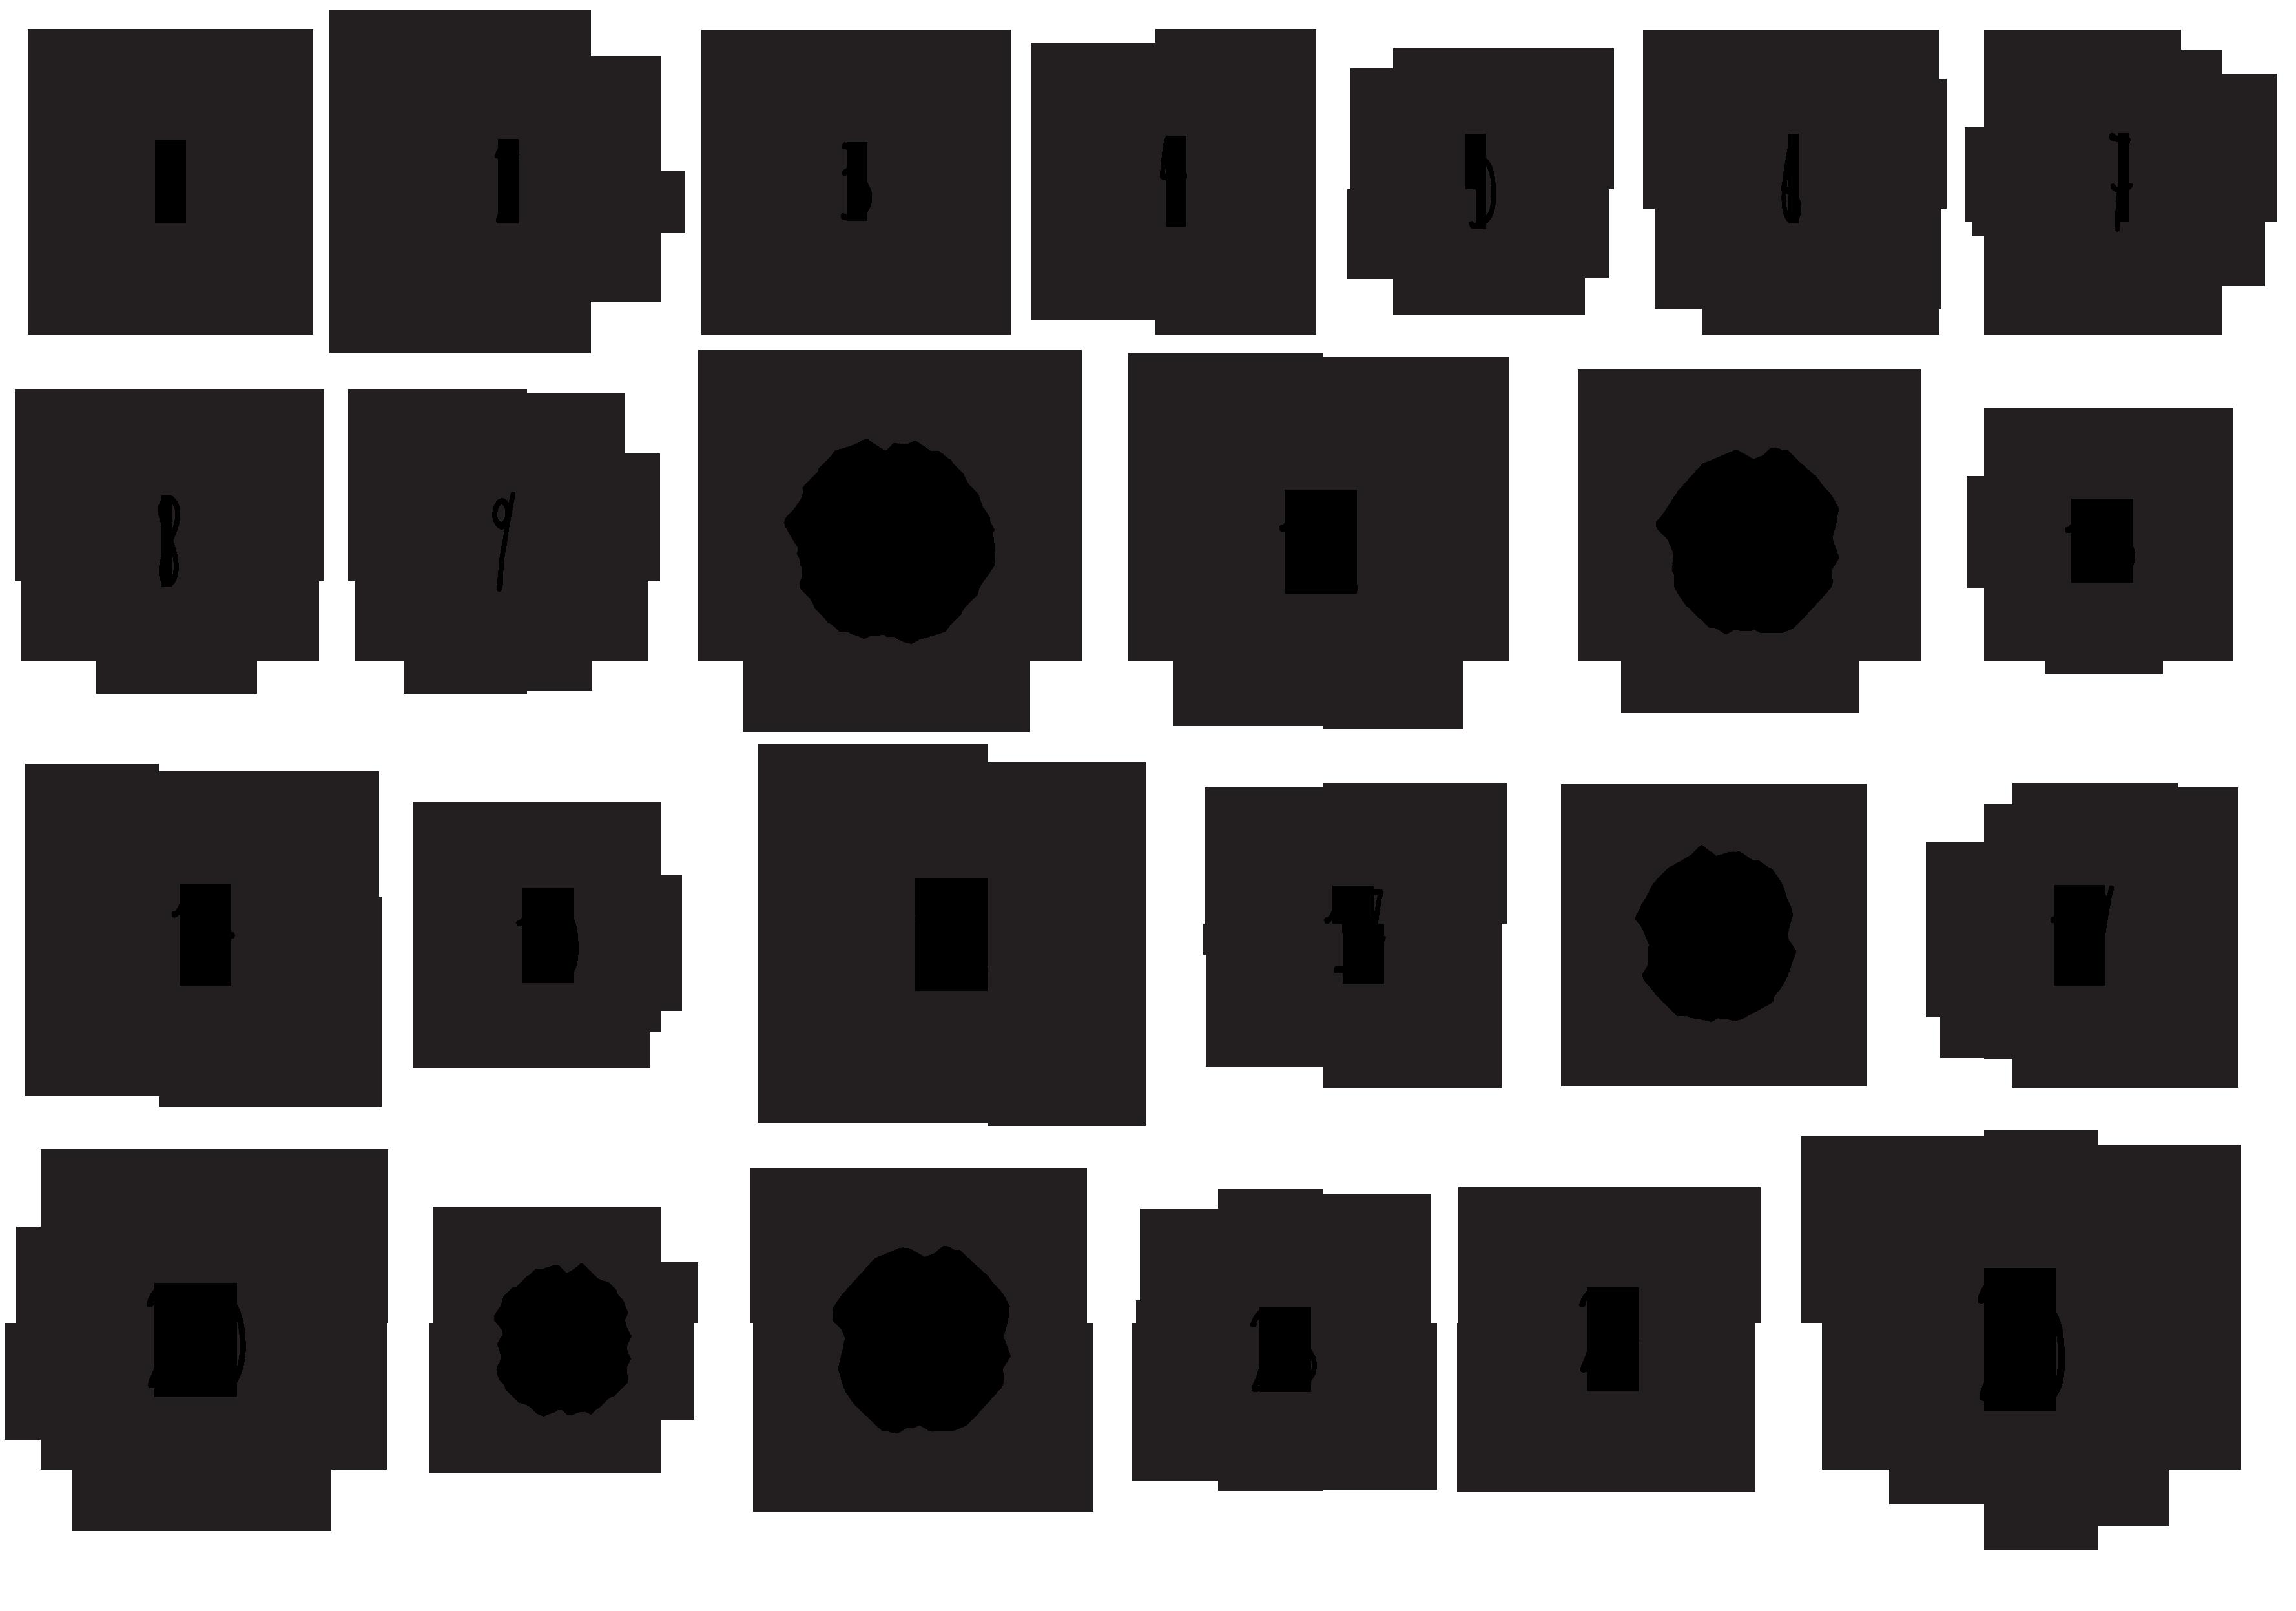 Numero pour calendrier de l 39 avent noel 11 goodies by sportcam - Chiffres pour calendrier de l avent a imprimer ...